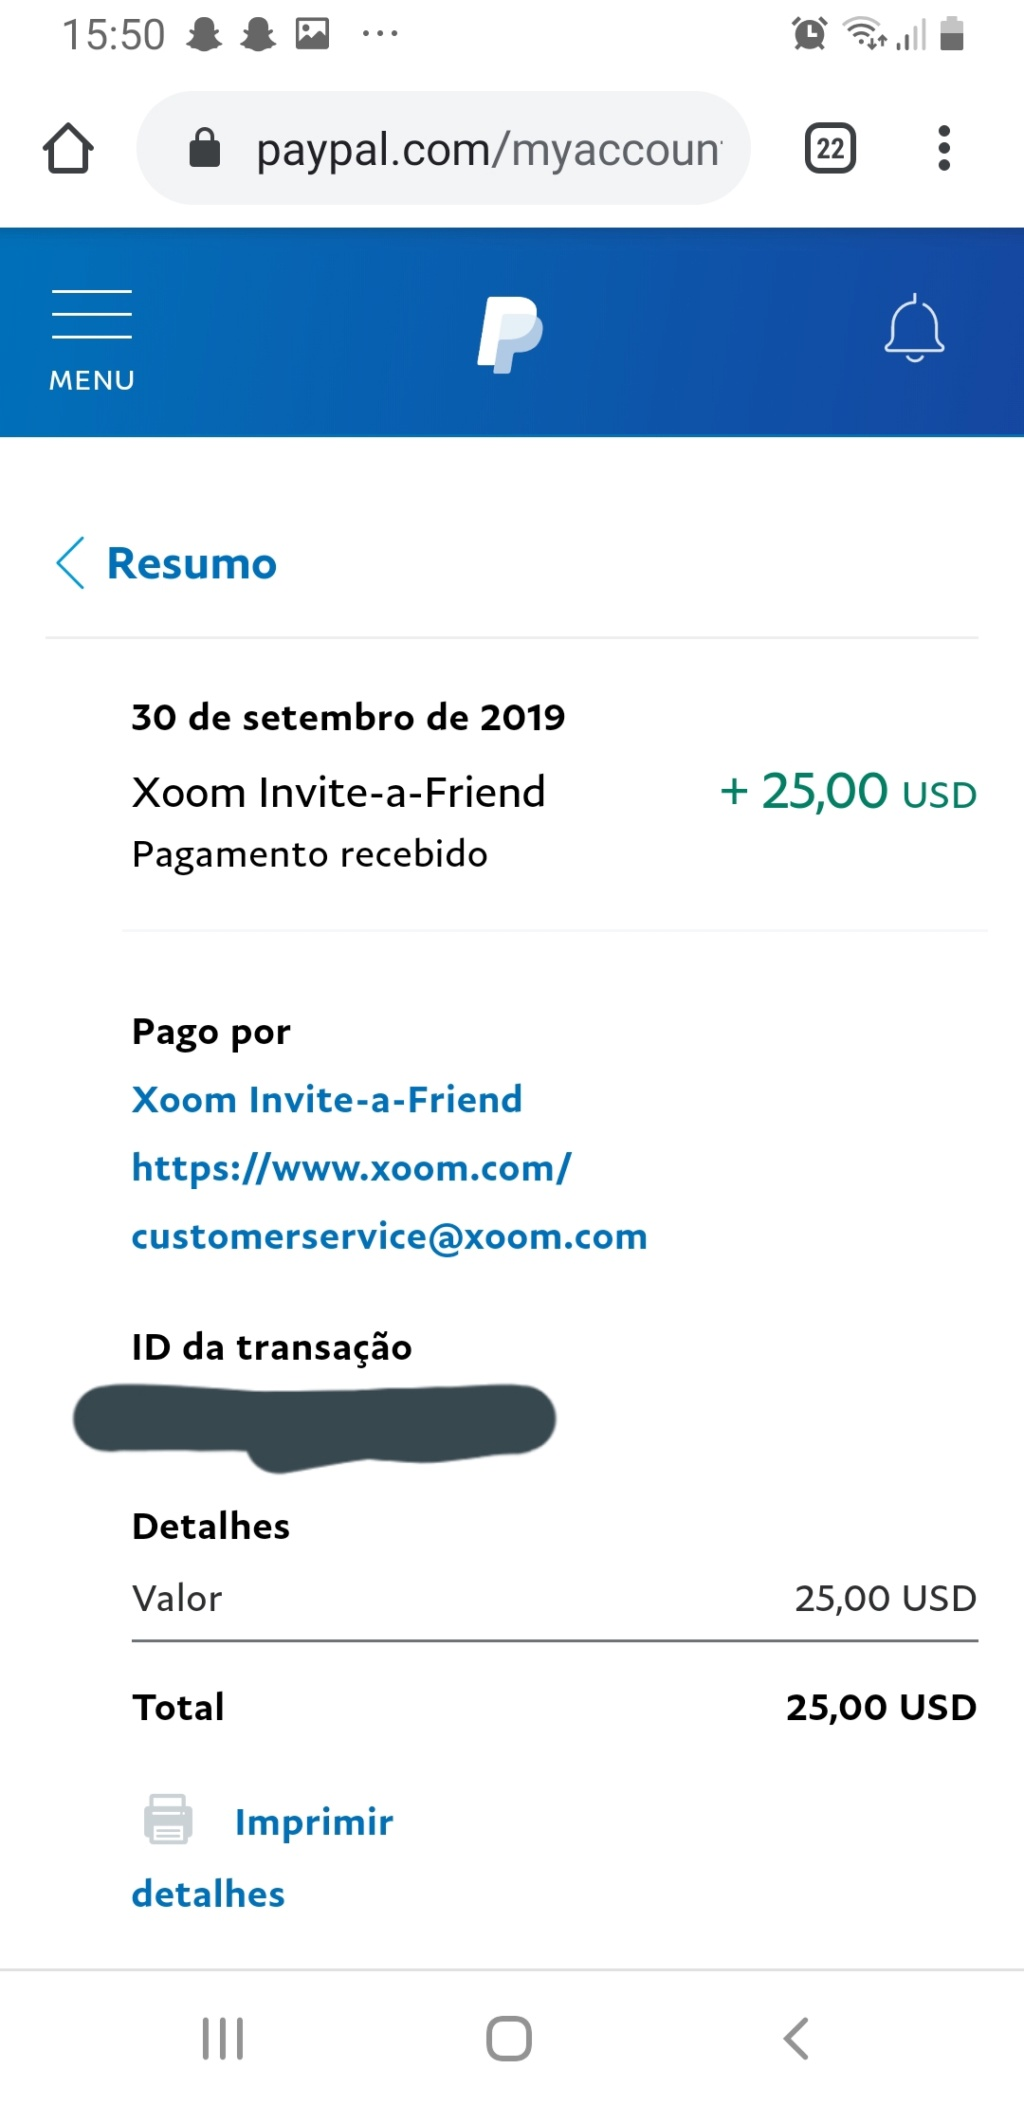 OPORTUNIDADE [Provado] - Ganha 25€ Paypal por registar na Xoom (empresaPaypal) - Página 2 20191011